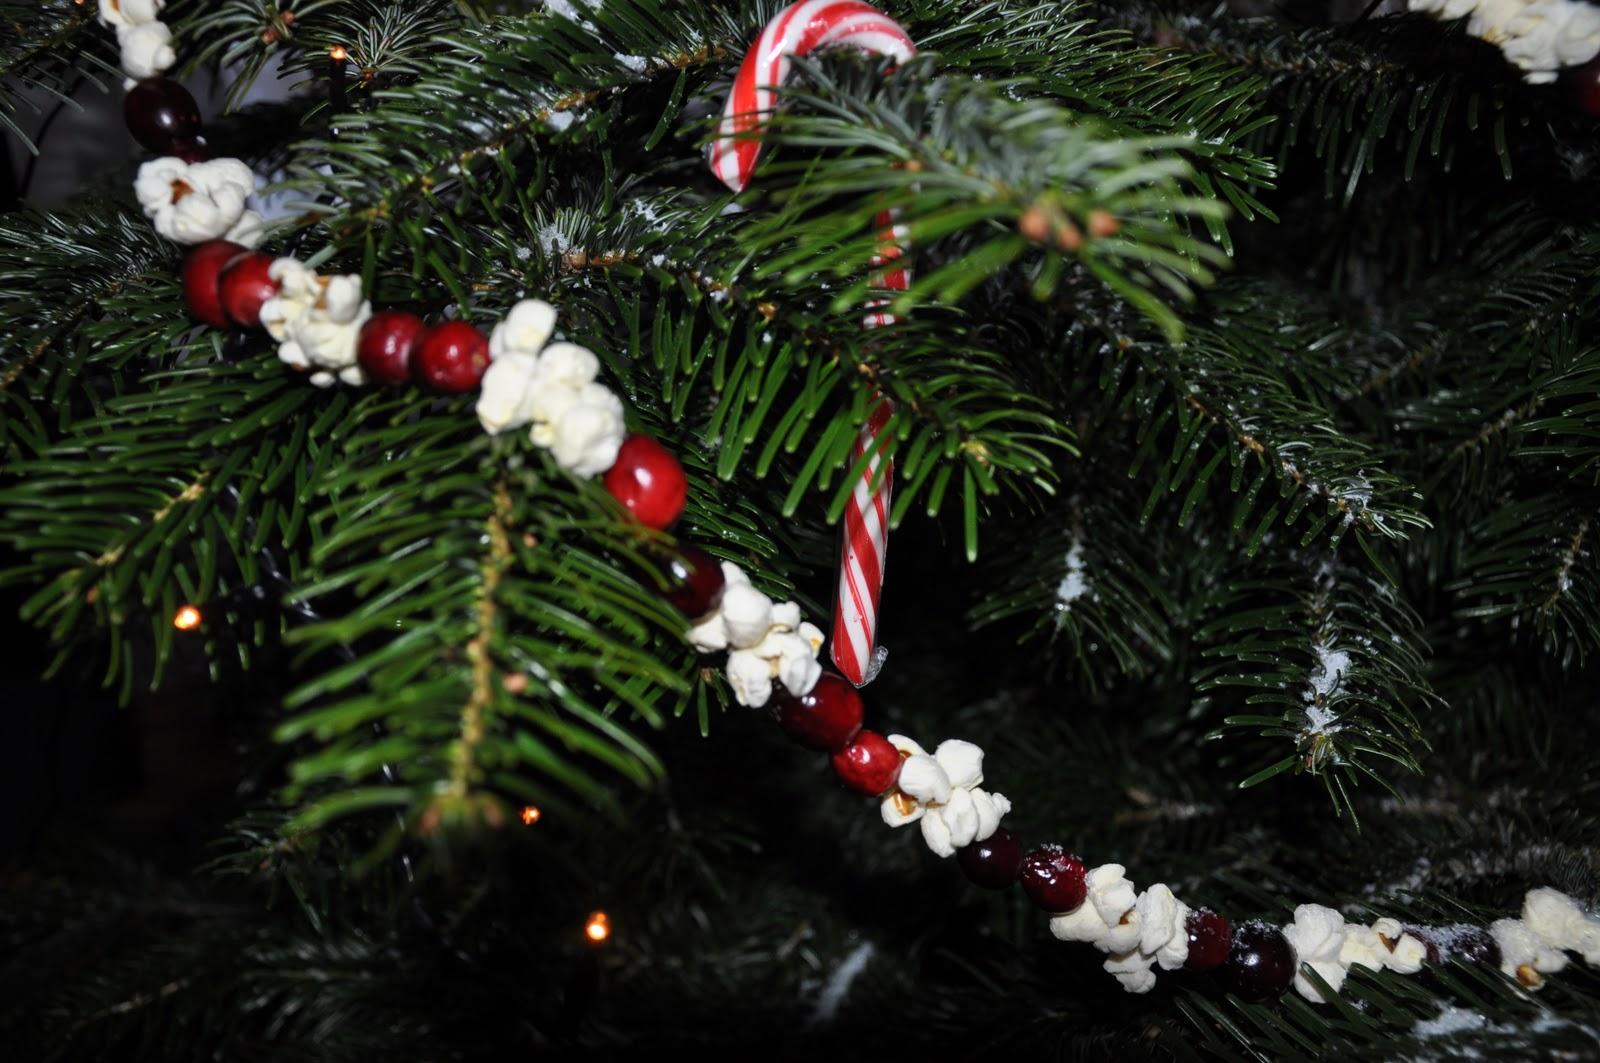 Stories toffees sinatra was swinging all the drunks for Amerikanischer weihnachtsbaum